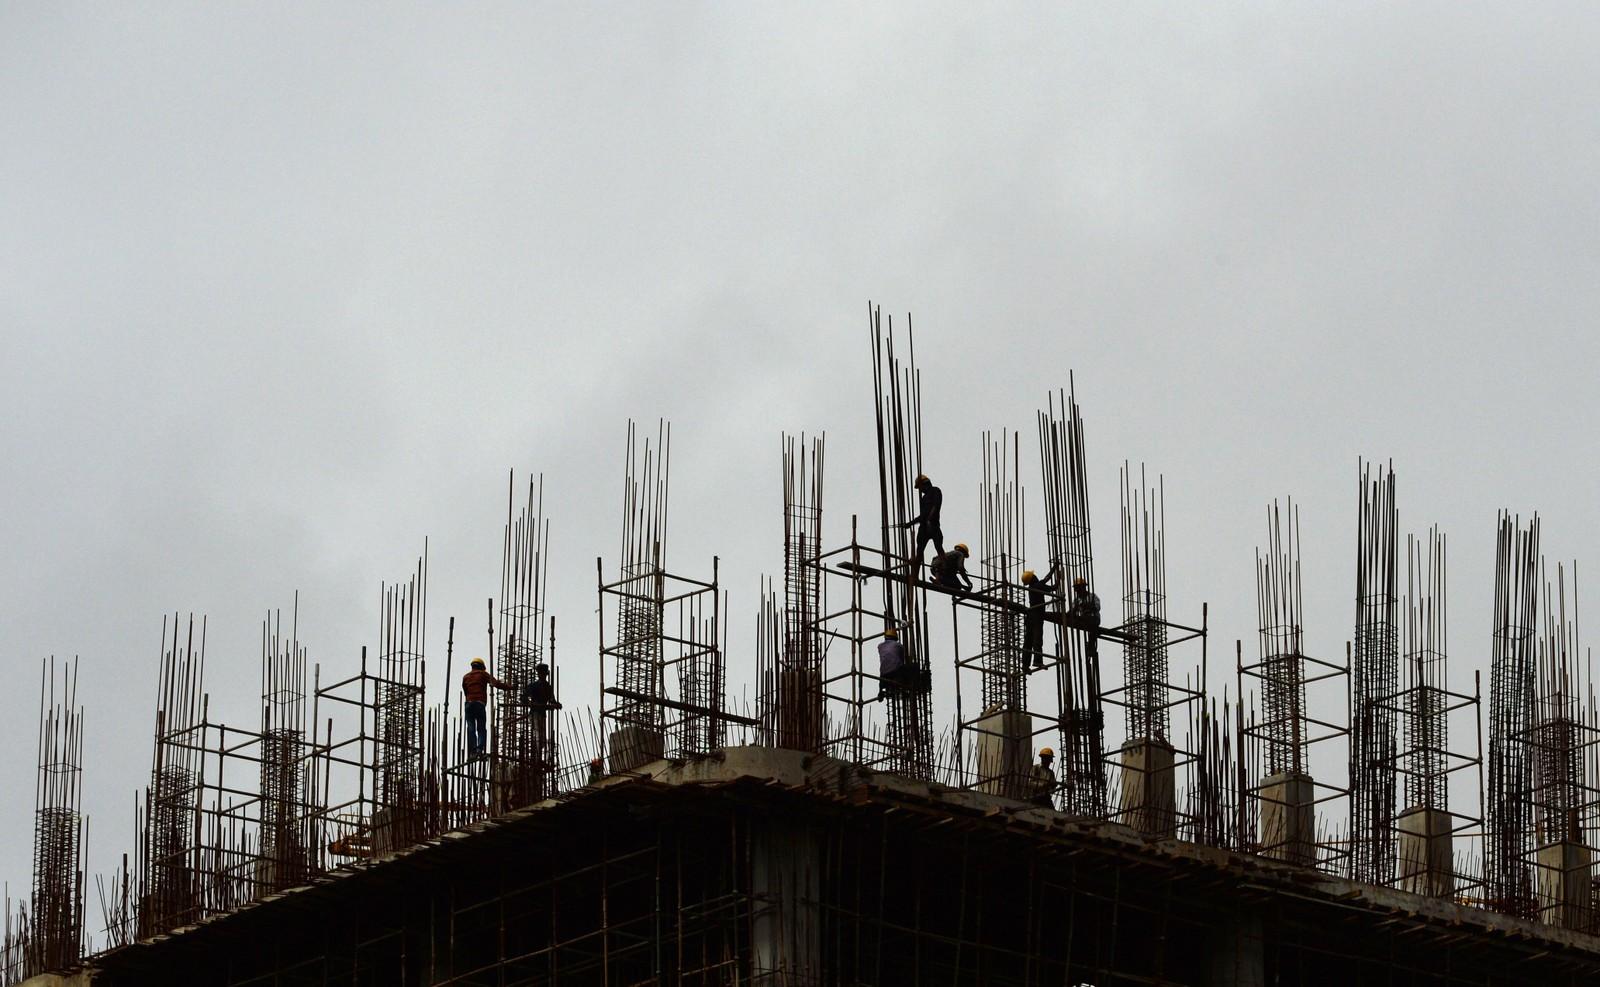 Her ser vi silhuettene av arbeidere mot monsunskyer i Mumbai i India den 4. august. De arbeider på det som skal bli en høyblokk i forretningsområdet i byen. Indias BNP vokste med 7,6 prosent i 2015 – 2016. India er landet med den hurtigst voksende økonomien i verden.